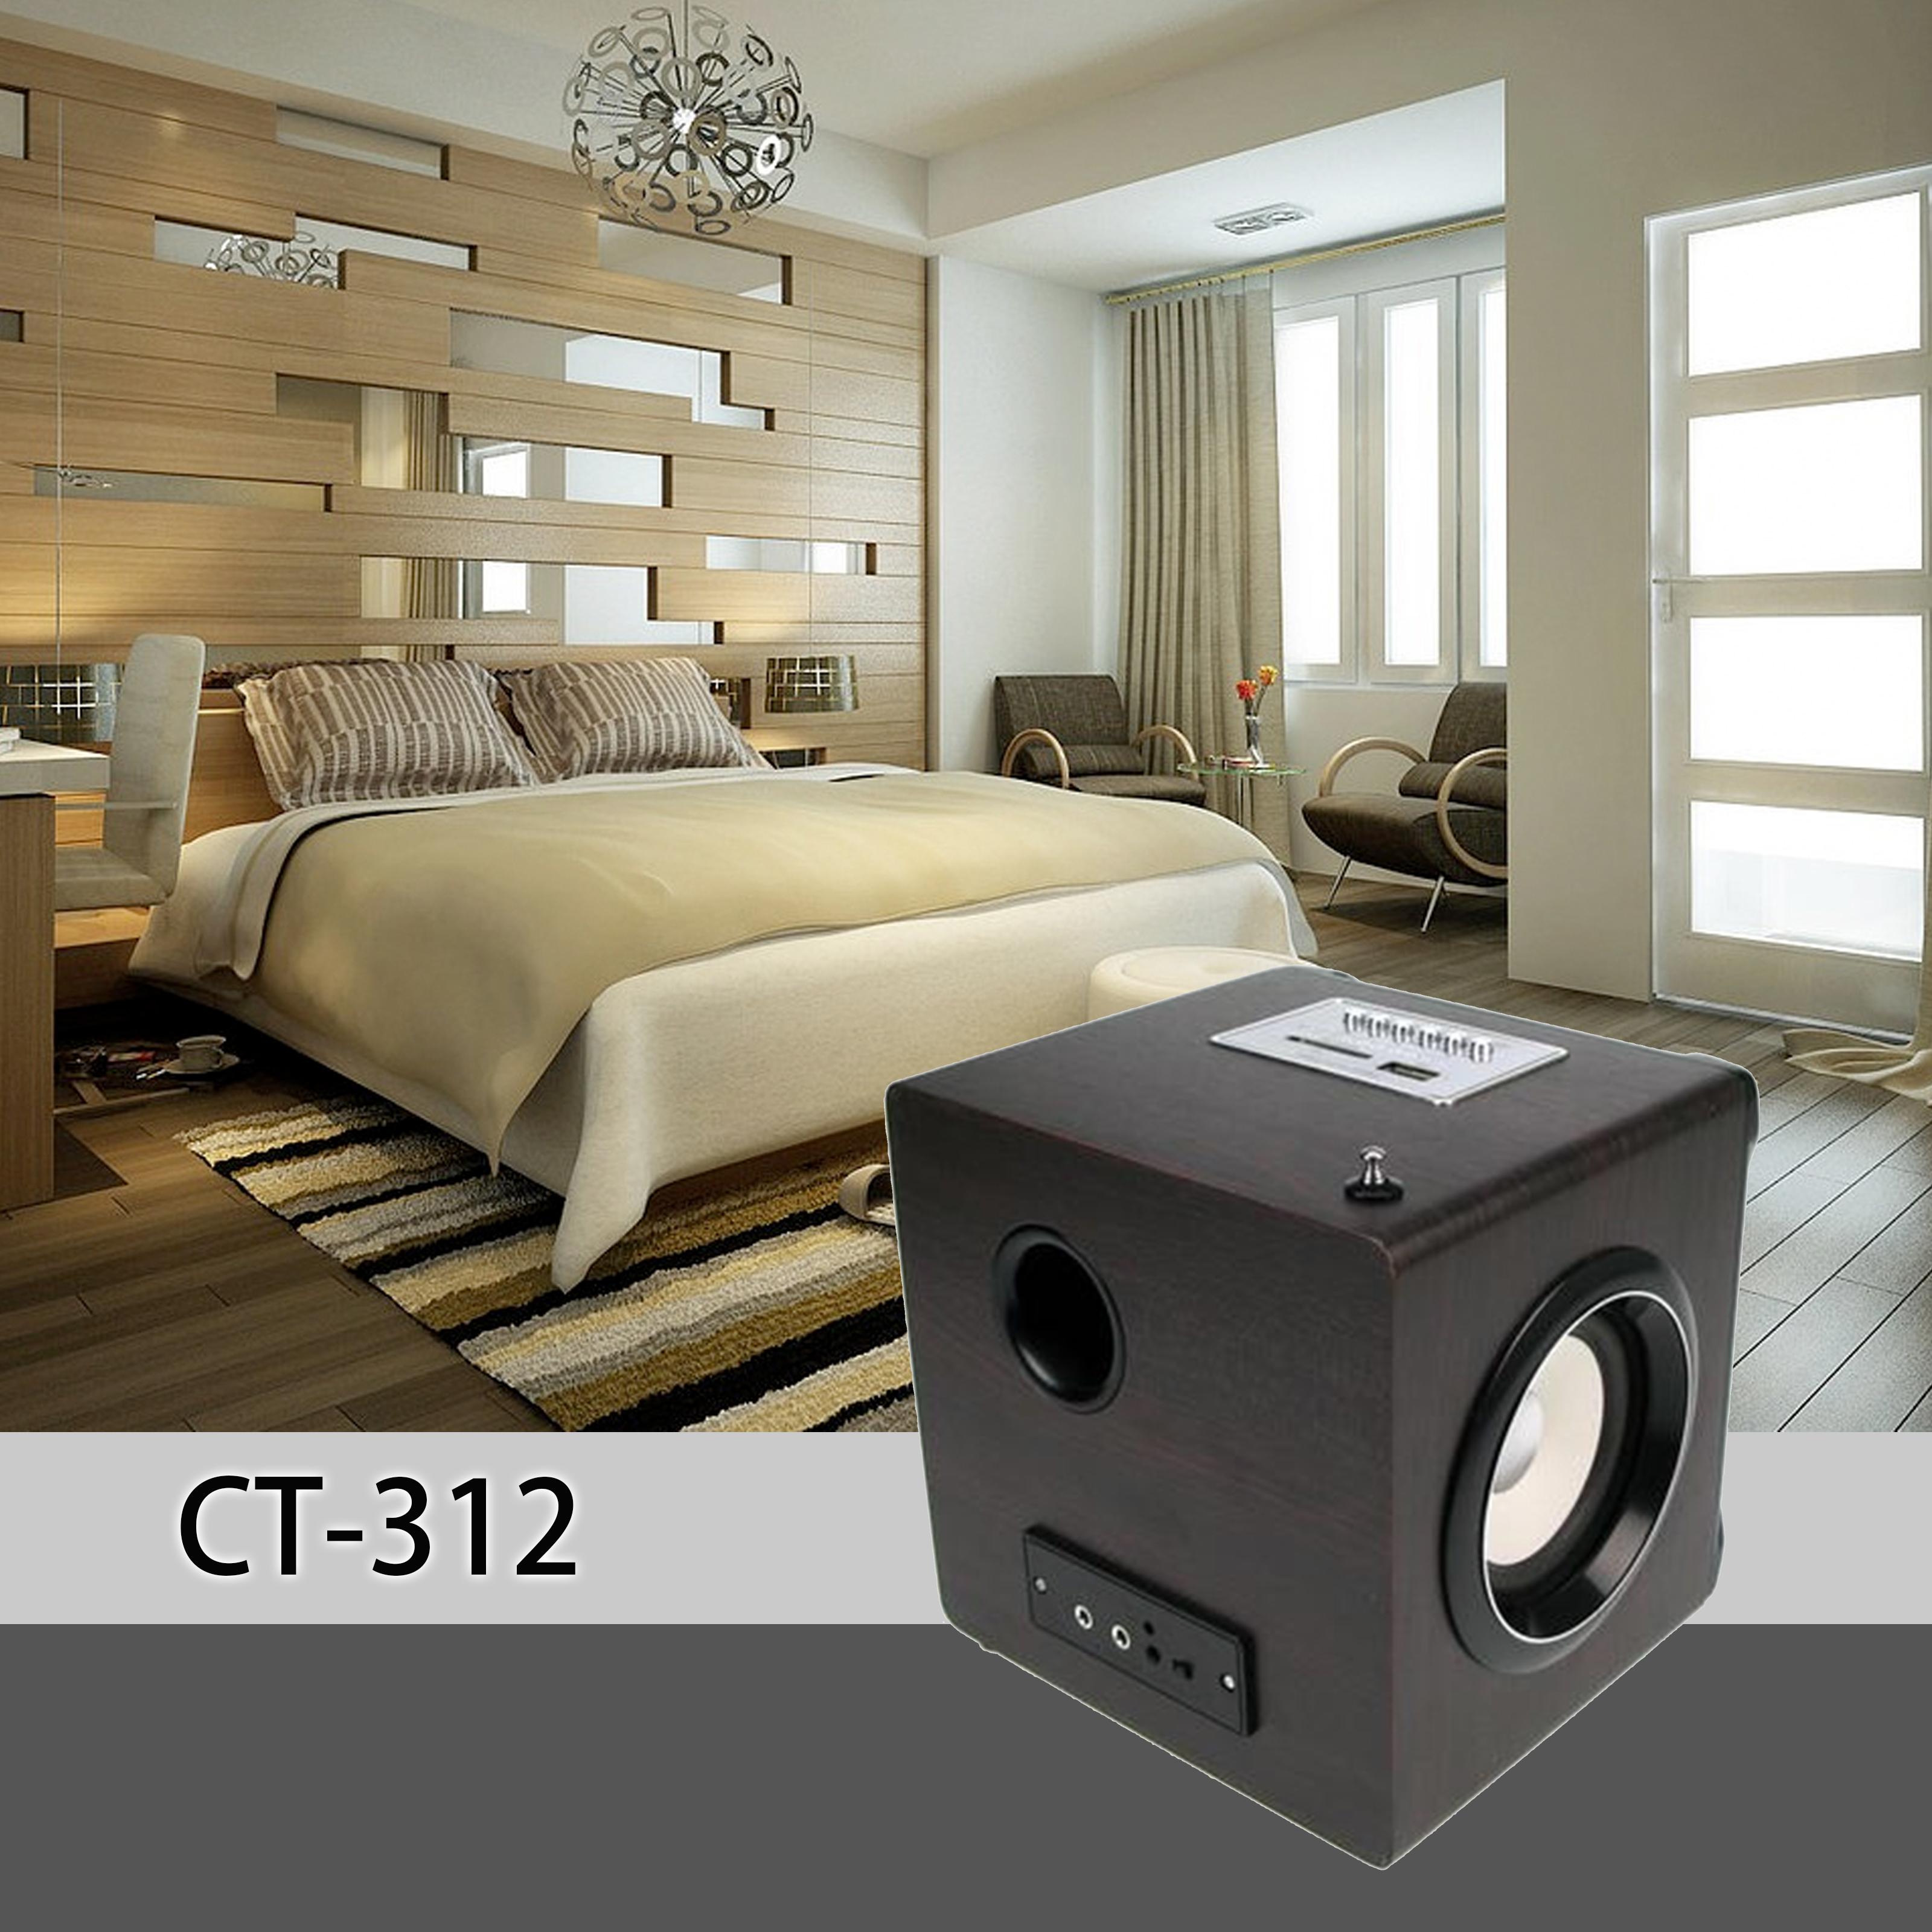 CT-312 bedroom.jpg